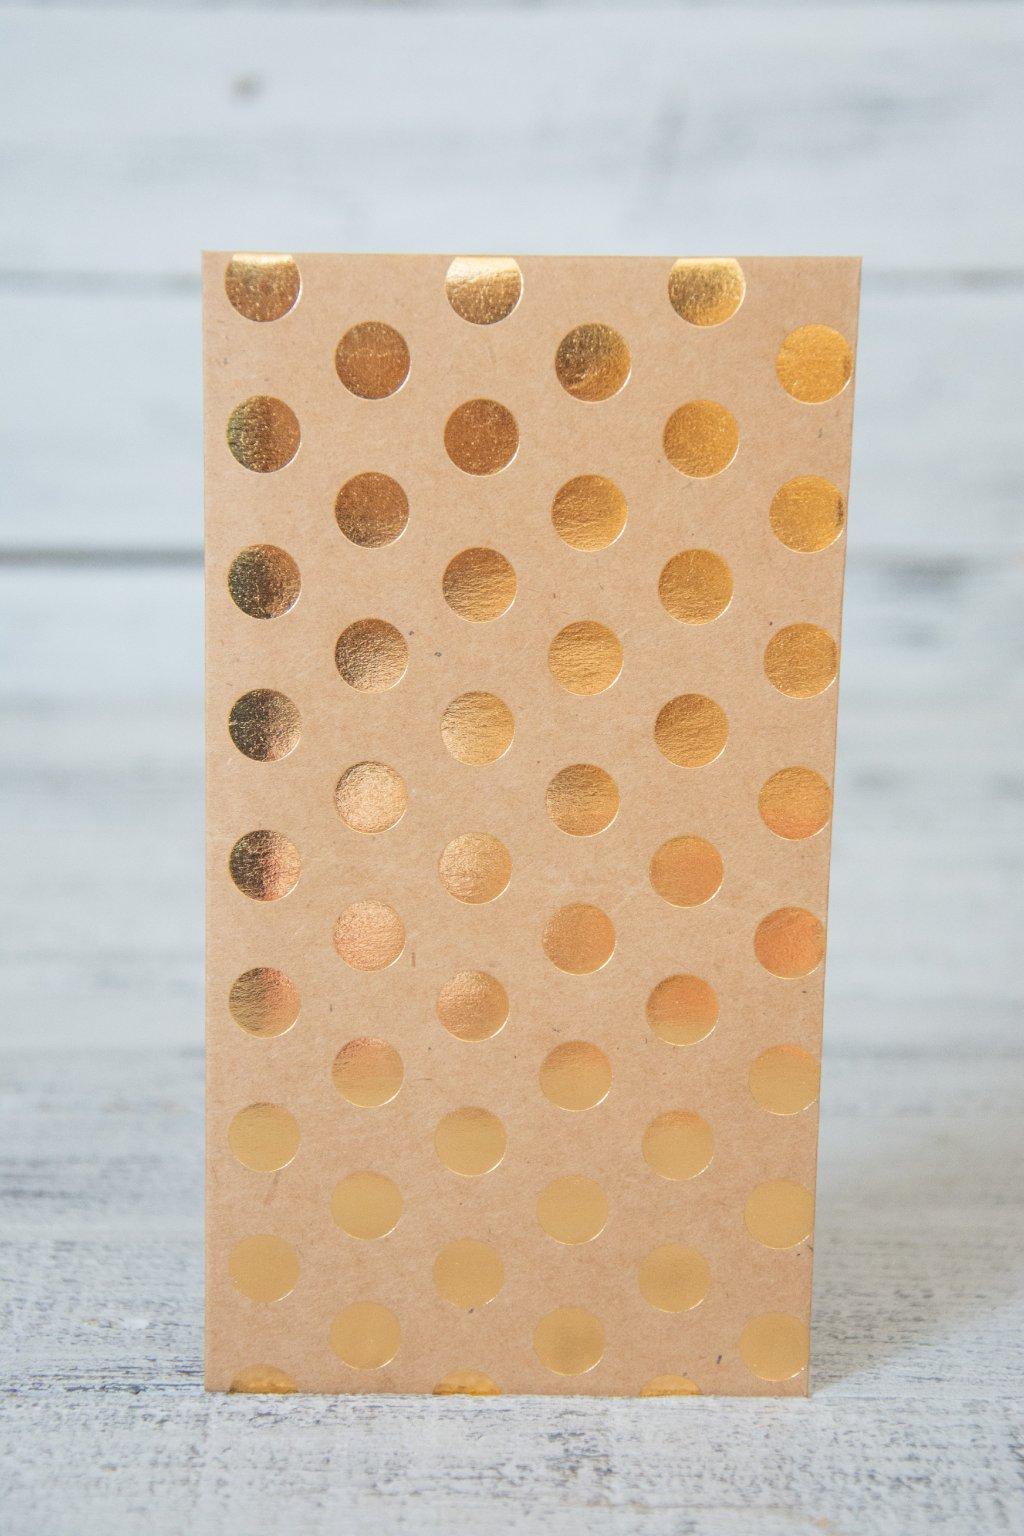 Dárková zlatá obálky rozměr 12 x 19 cm